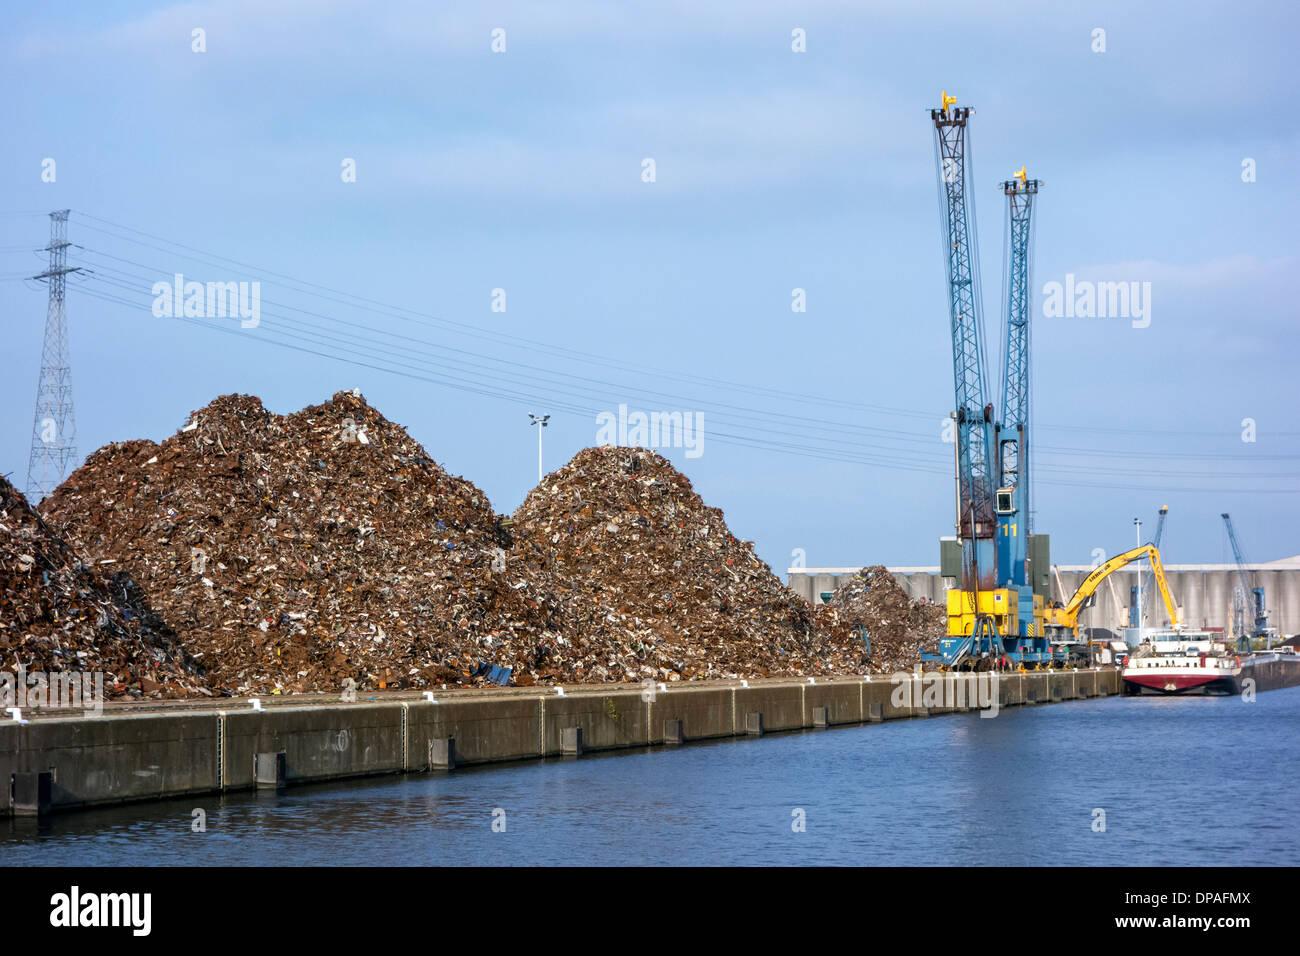 Dock cranes and heaps of recycled scrap metal at Van Heyghen Recycling export terminal, port of Ghent, East Flanders, Belgium - Stock Image